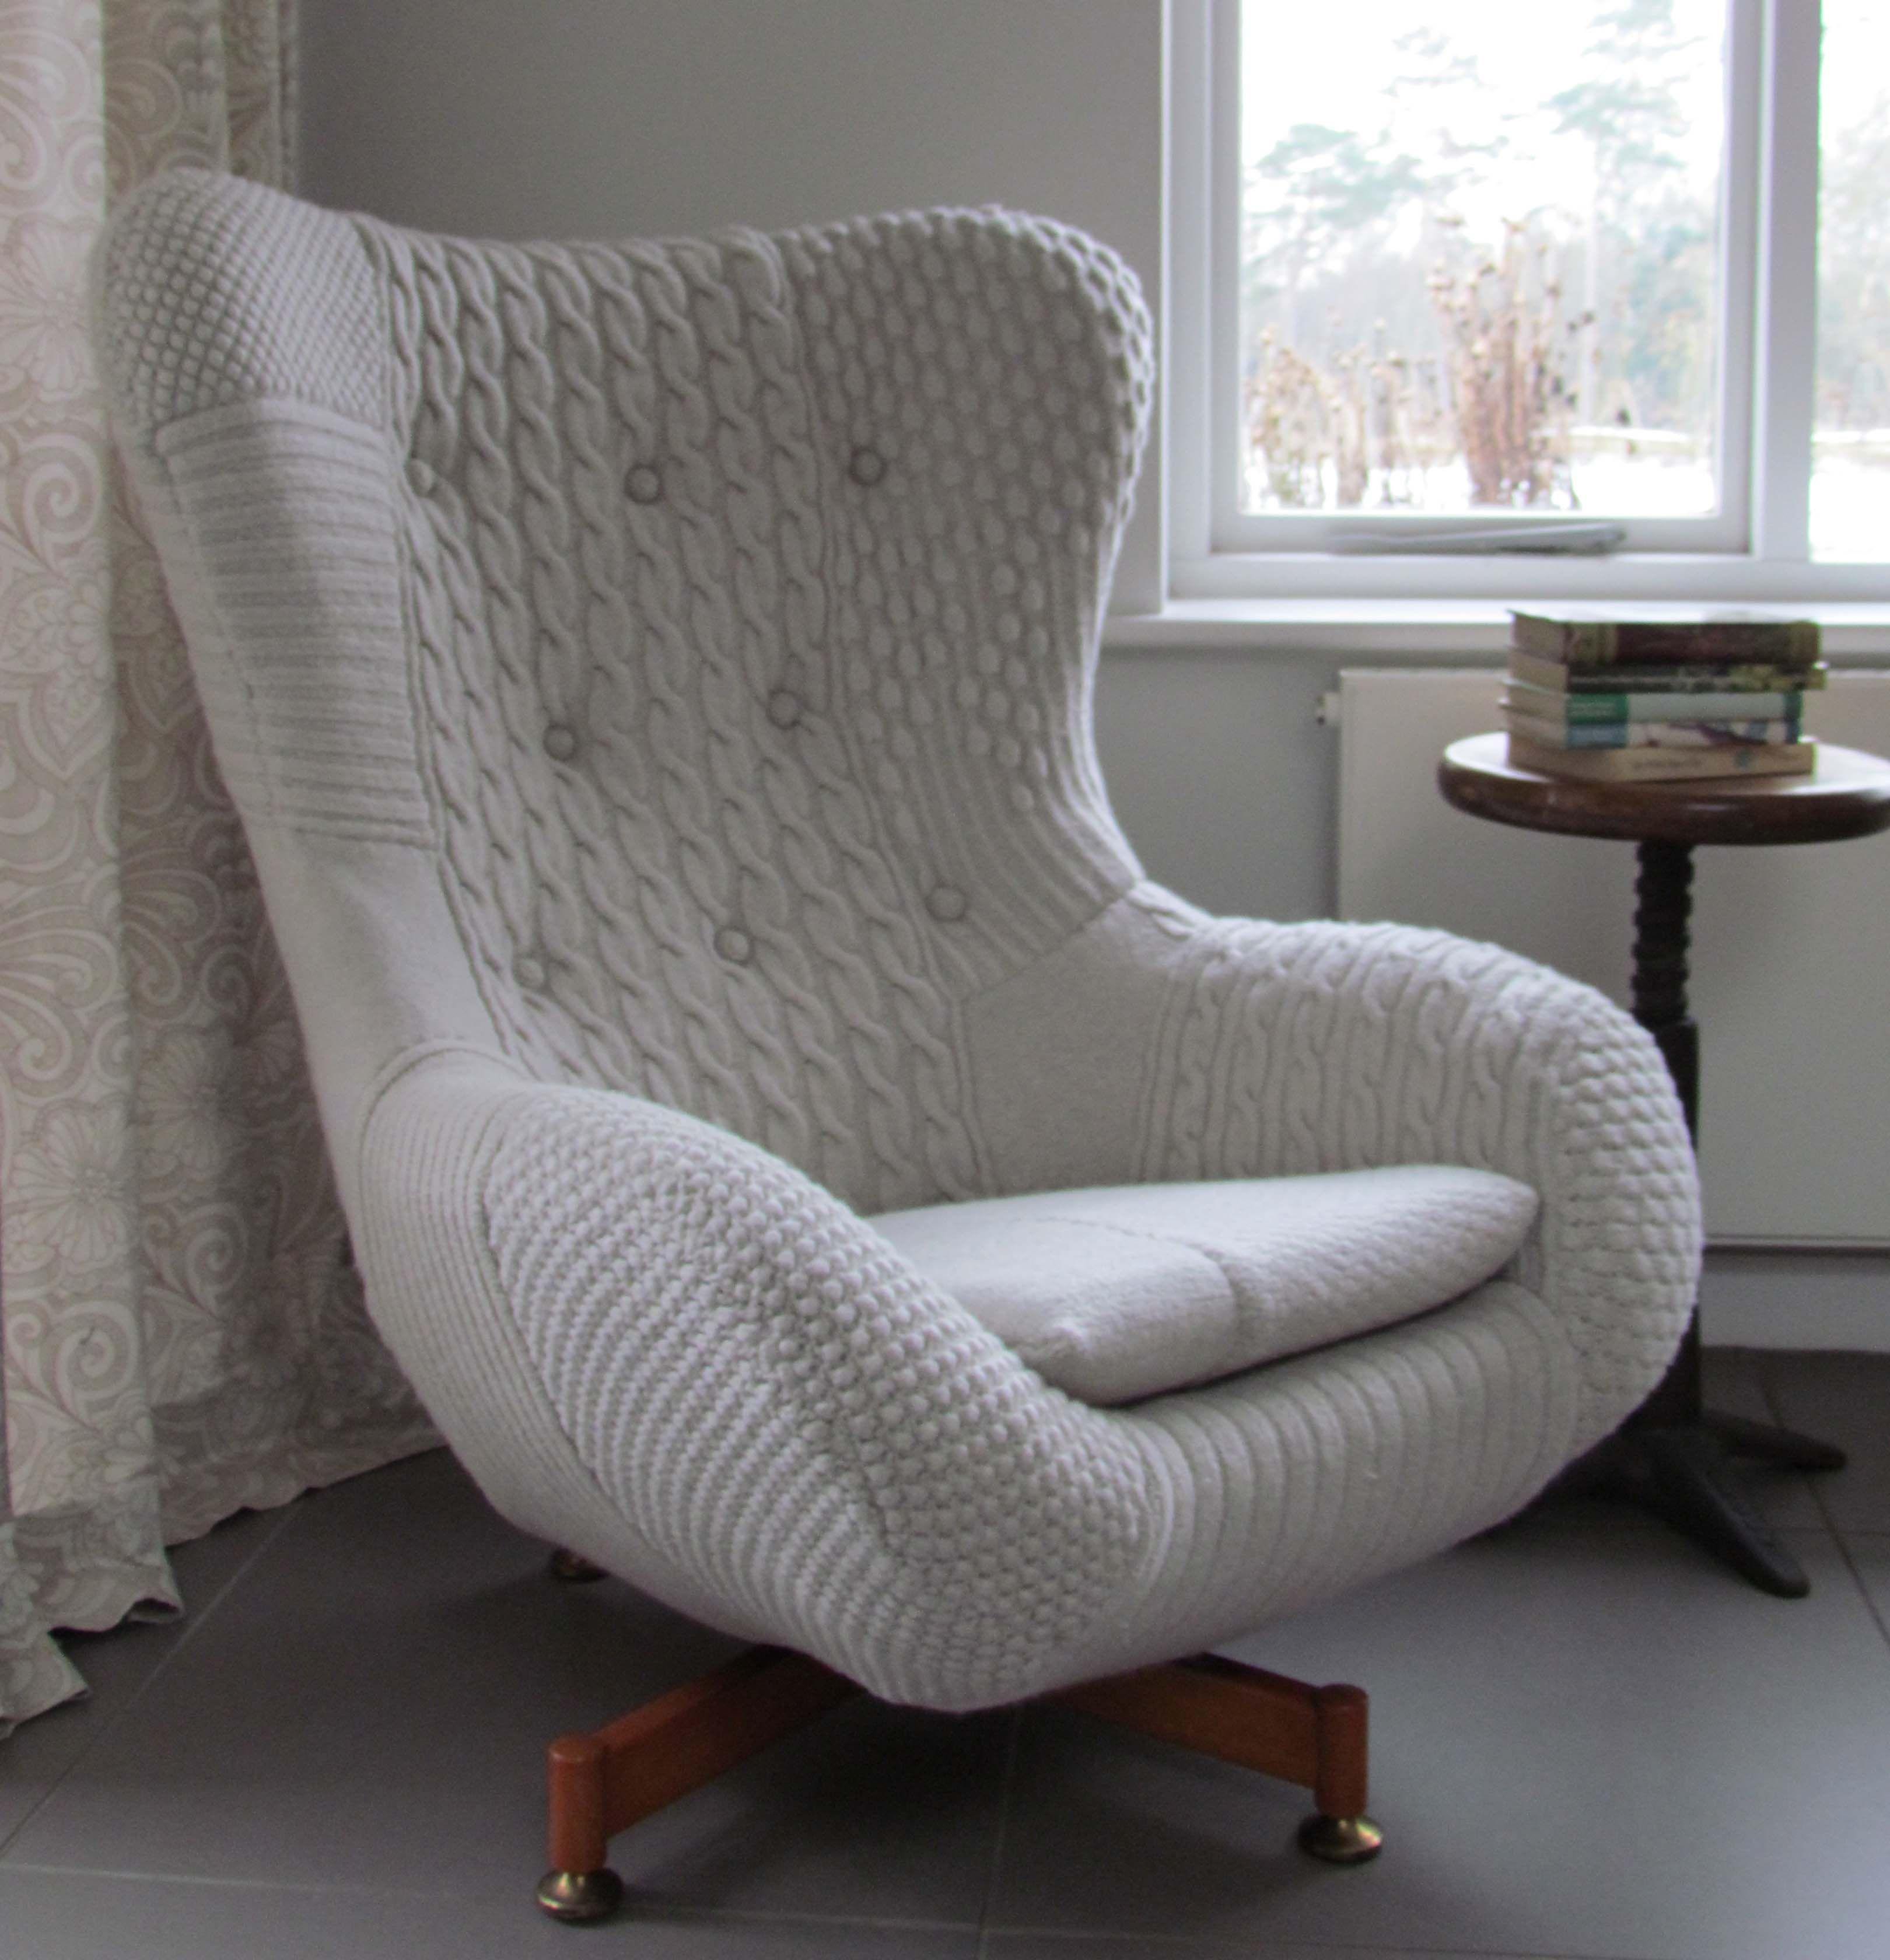 Bevis. Handknitted Vintage Swivel Chair Unusual